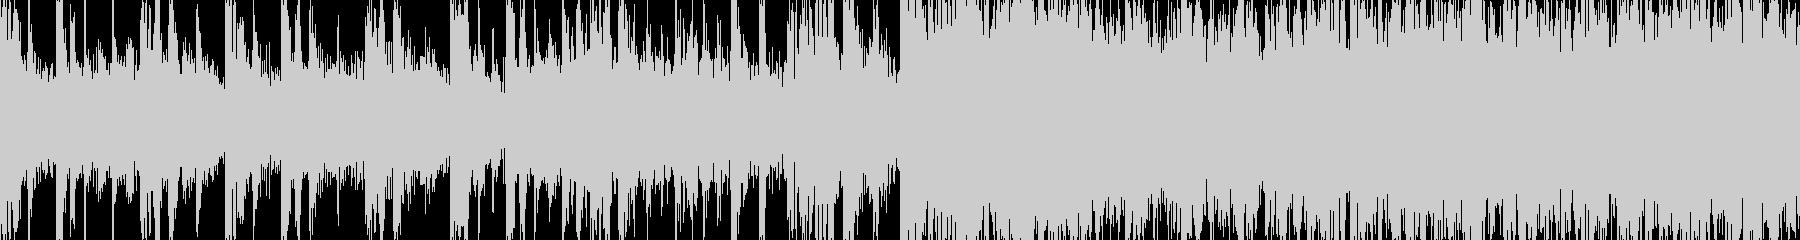 [ジングル][ループ仕様]レトロダンスの未再生の波形